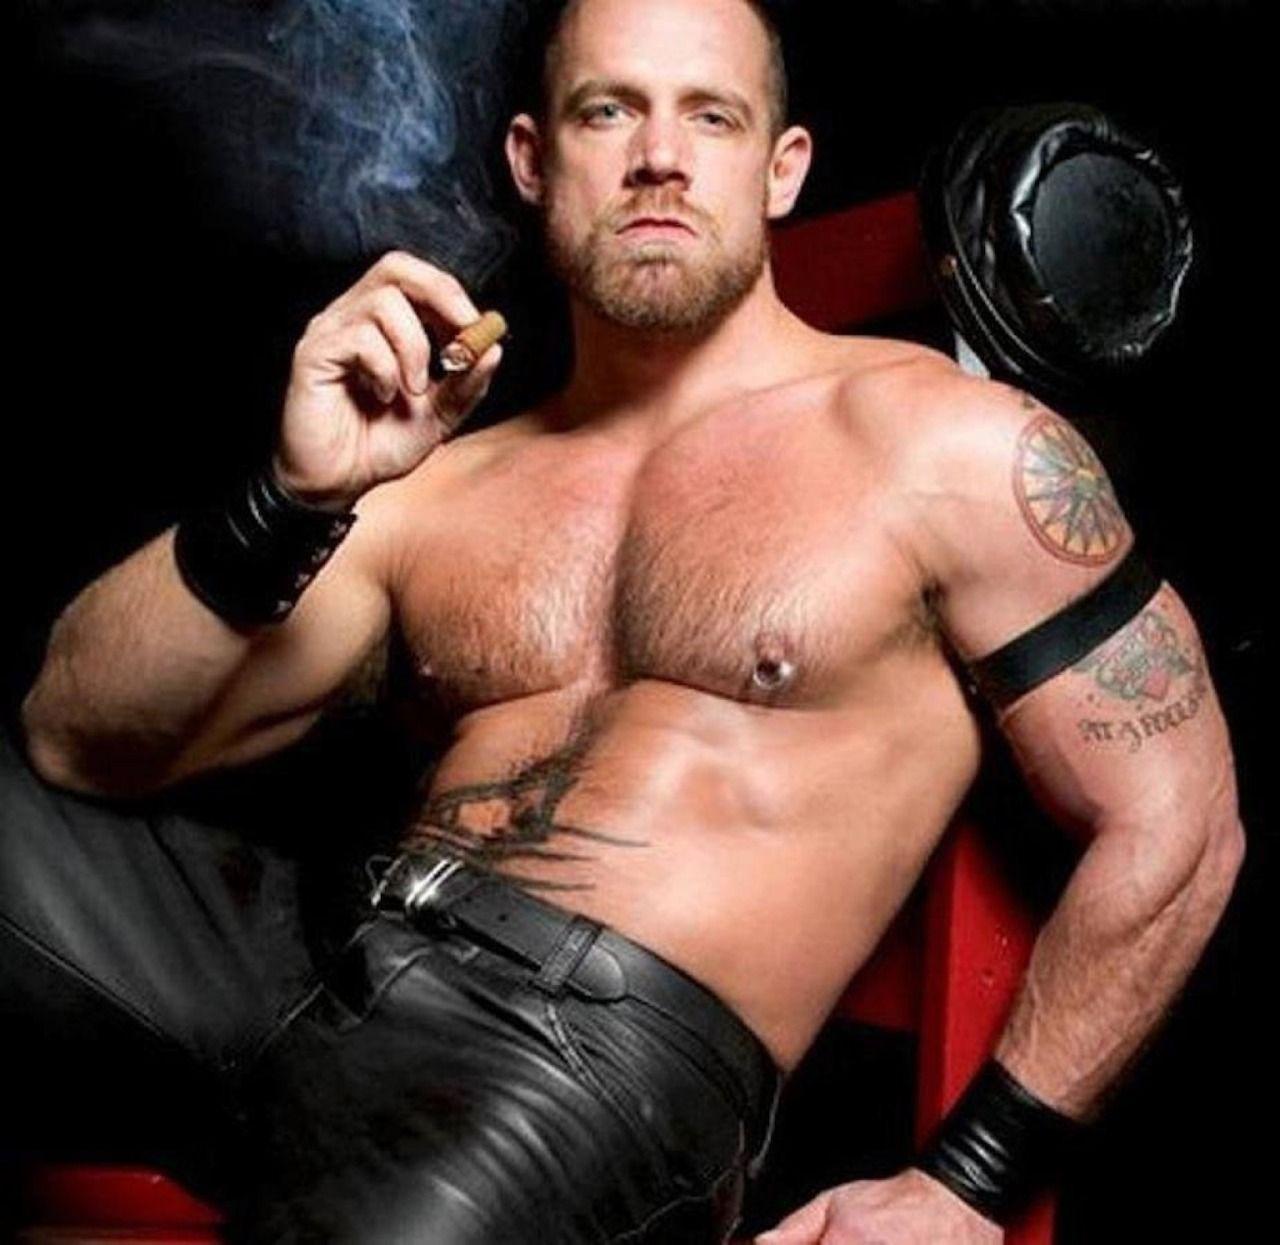 Gay cigar pig